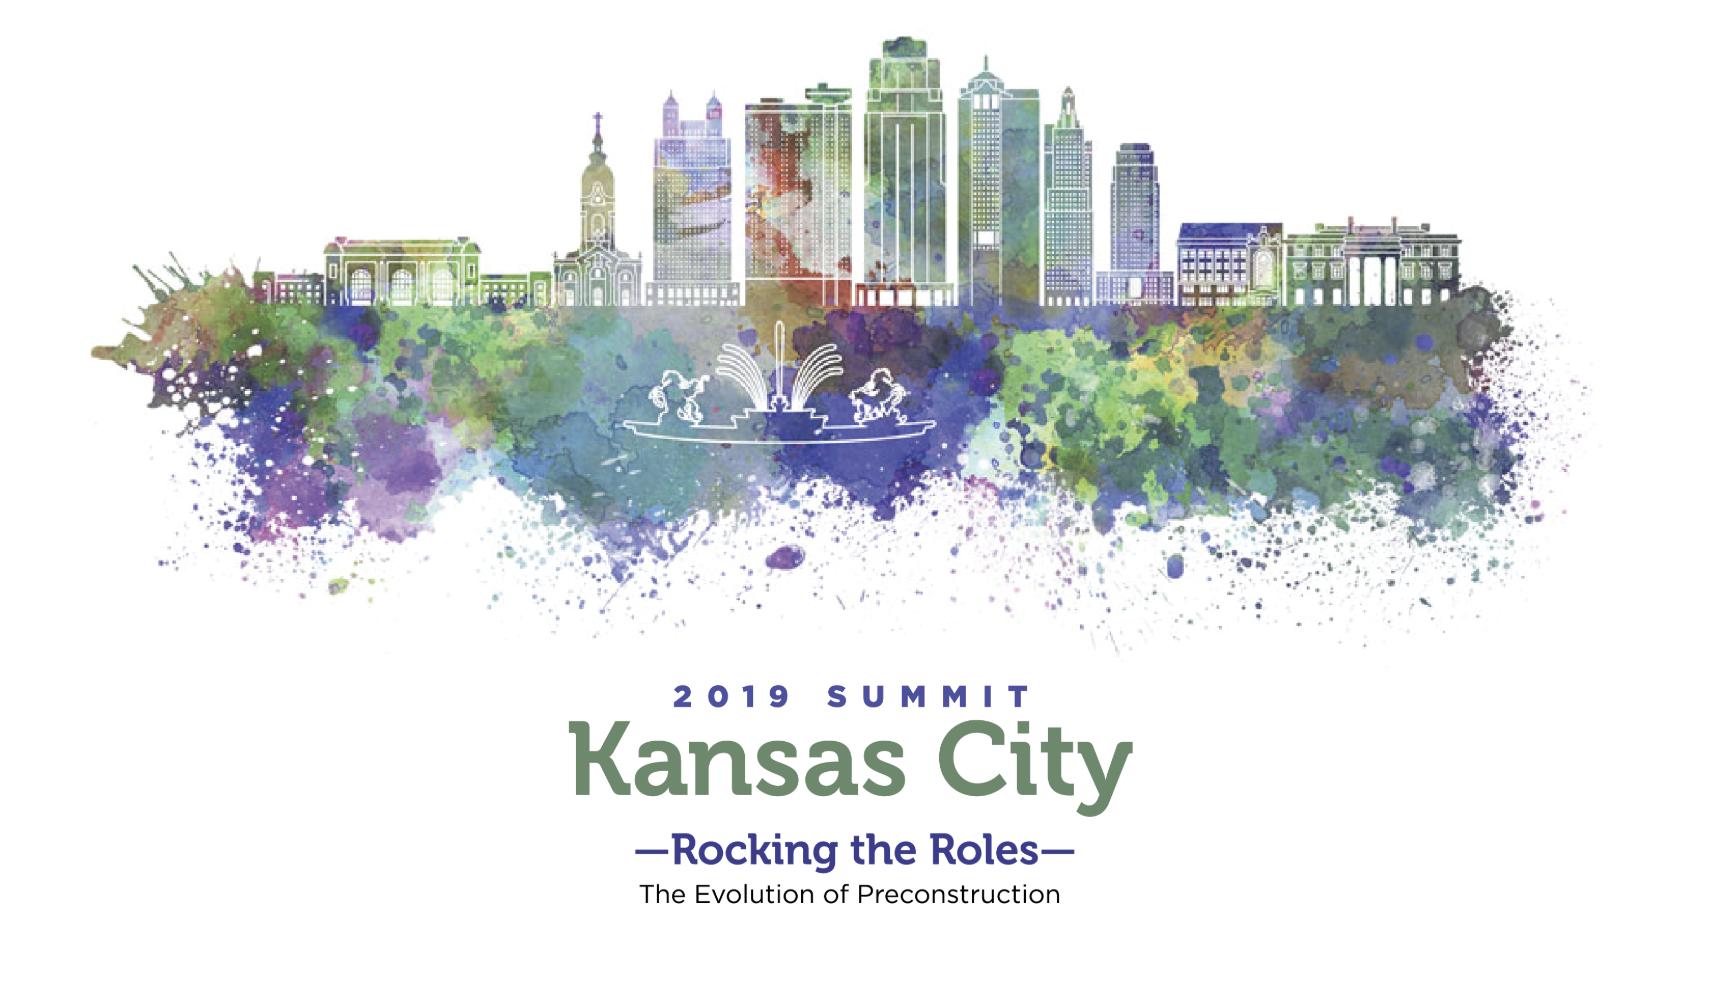 The Kansas City Summit